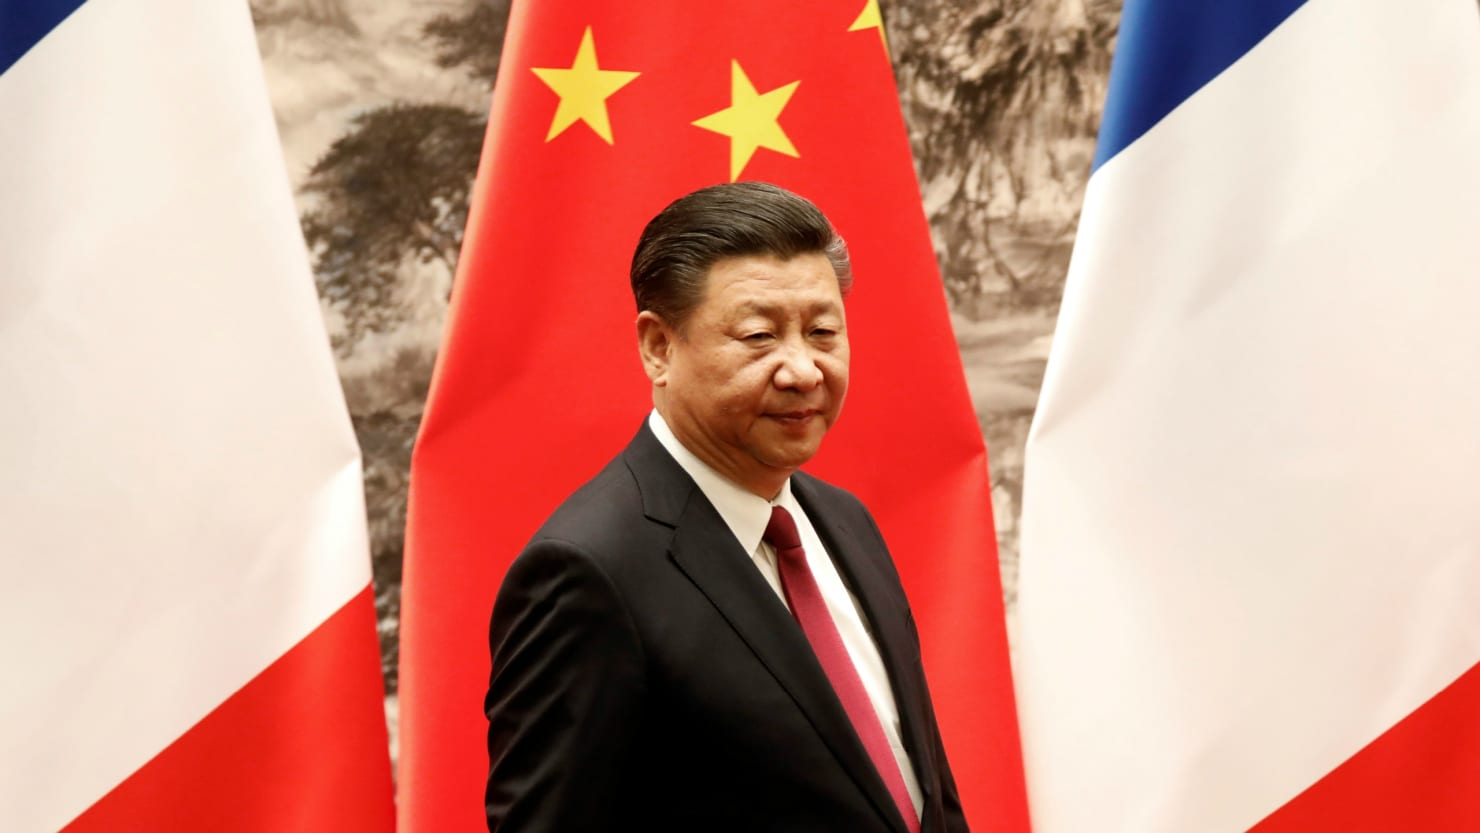 Başkan Xi Jinping ile ilgili görsel sonucu